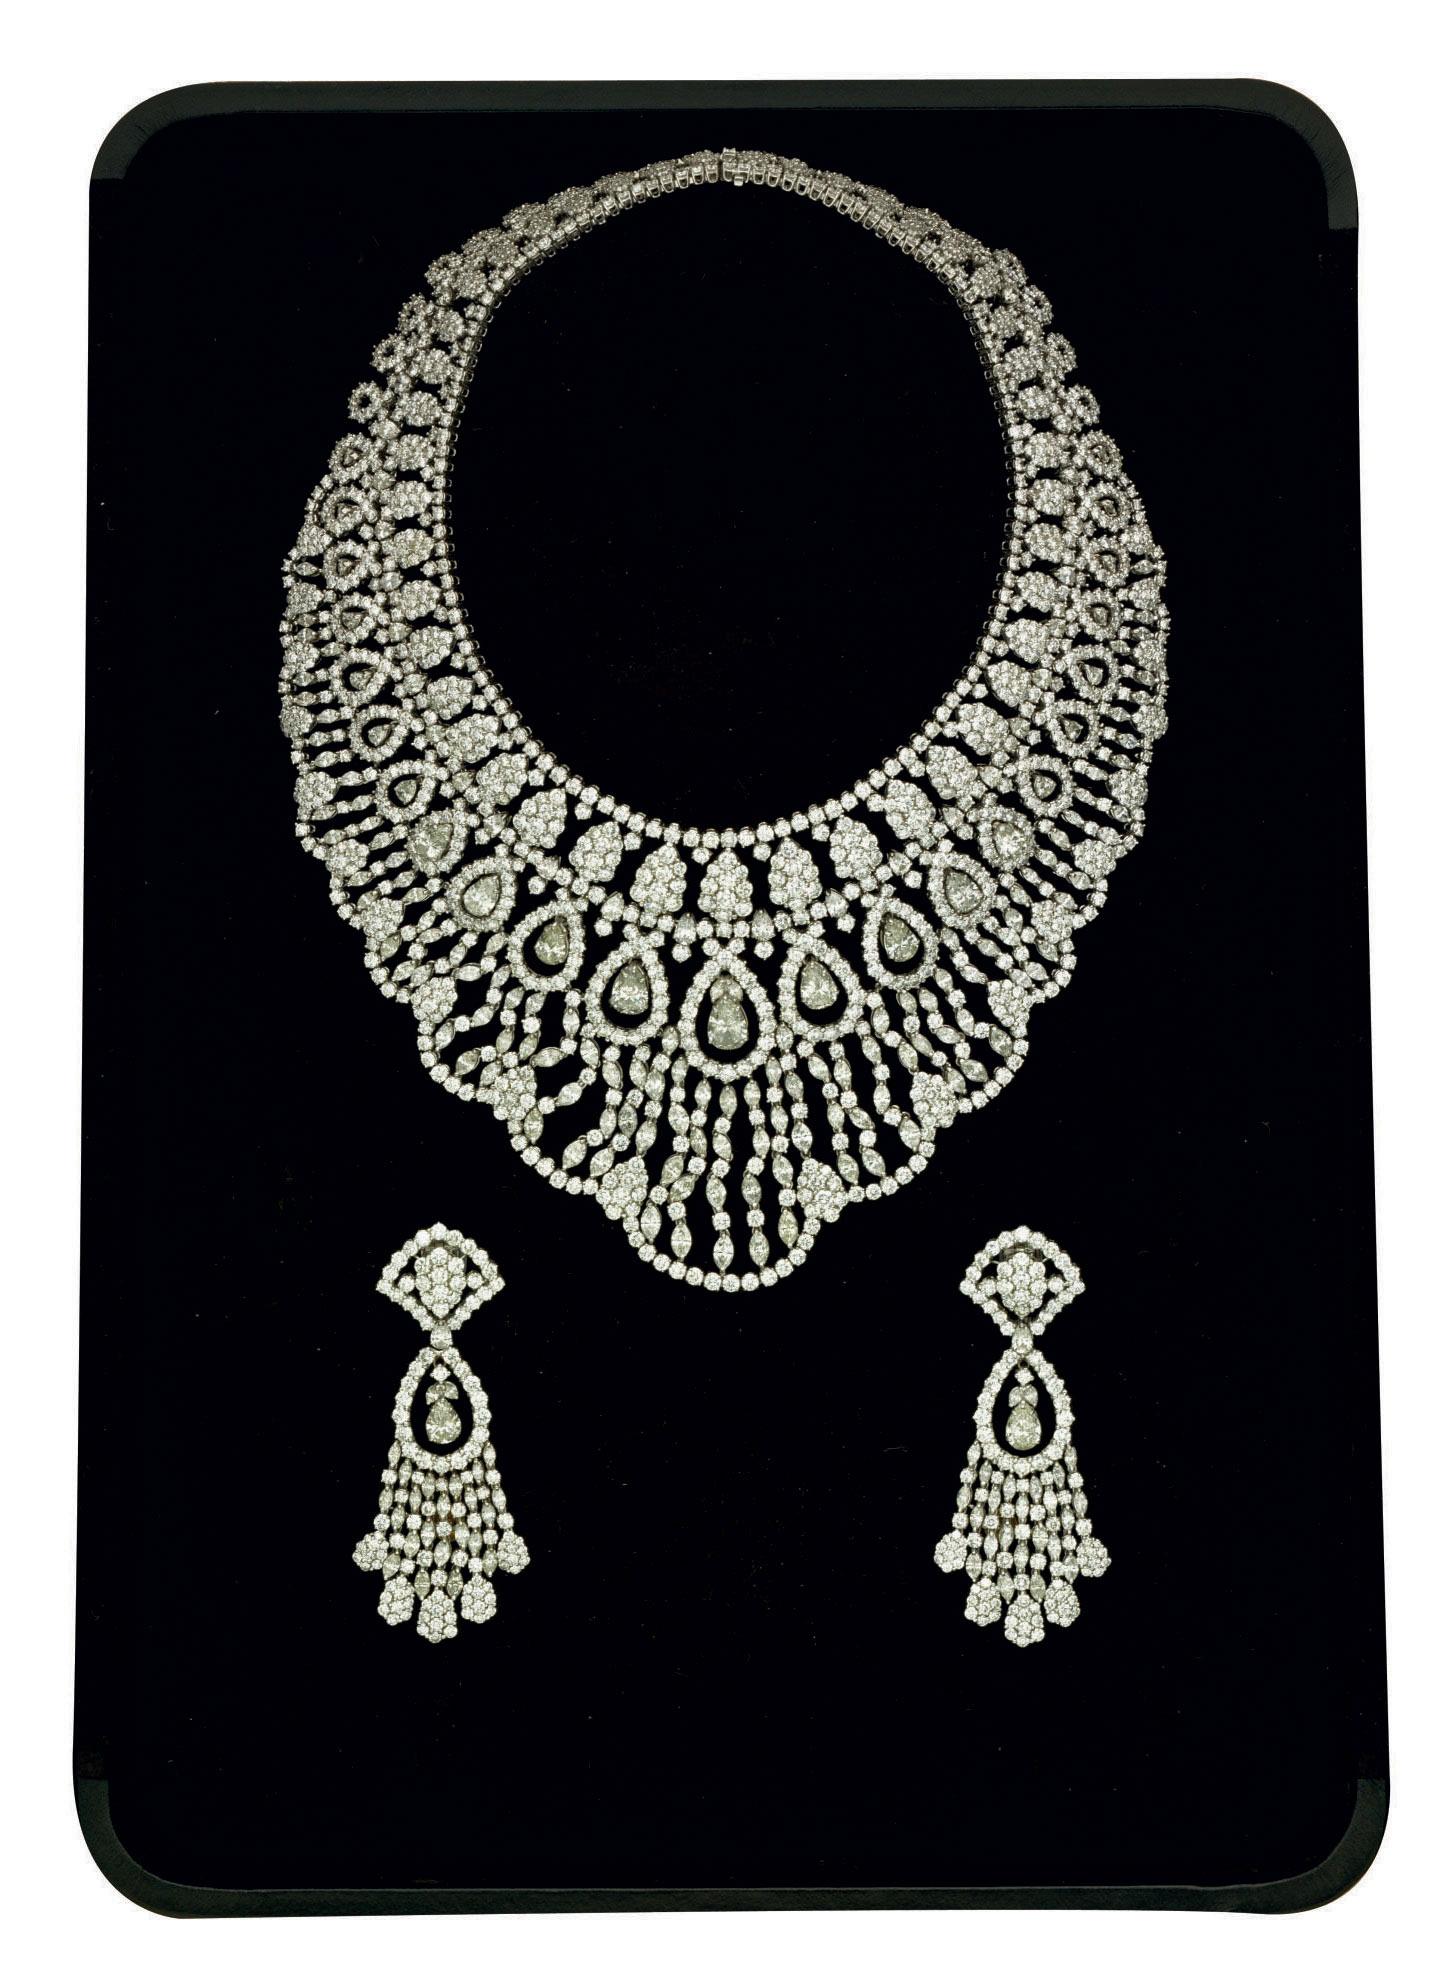 A DIAMOND DEMI-PARURE, BY ELIE CHATILA